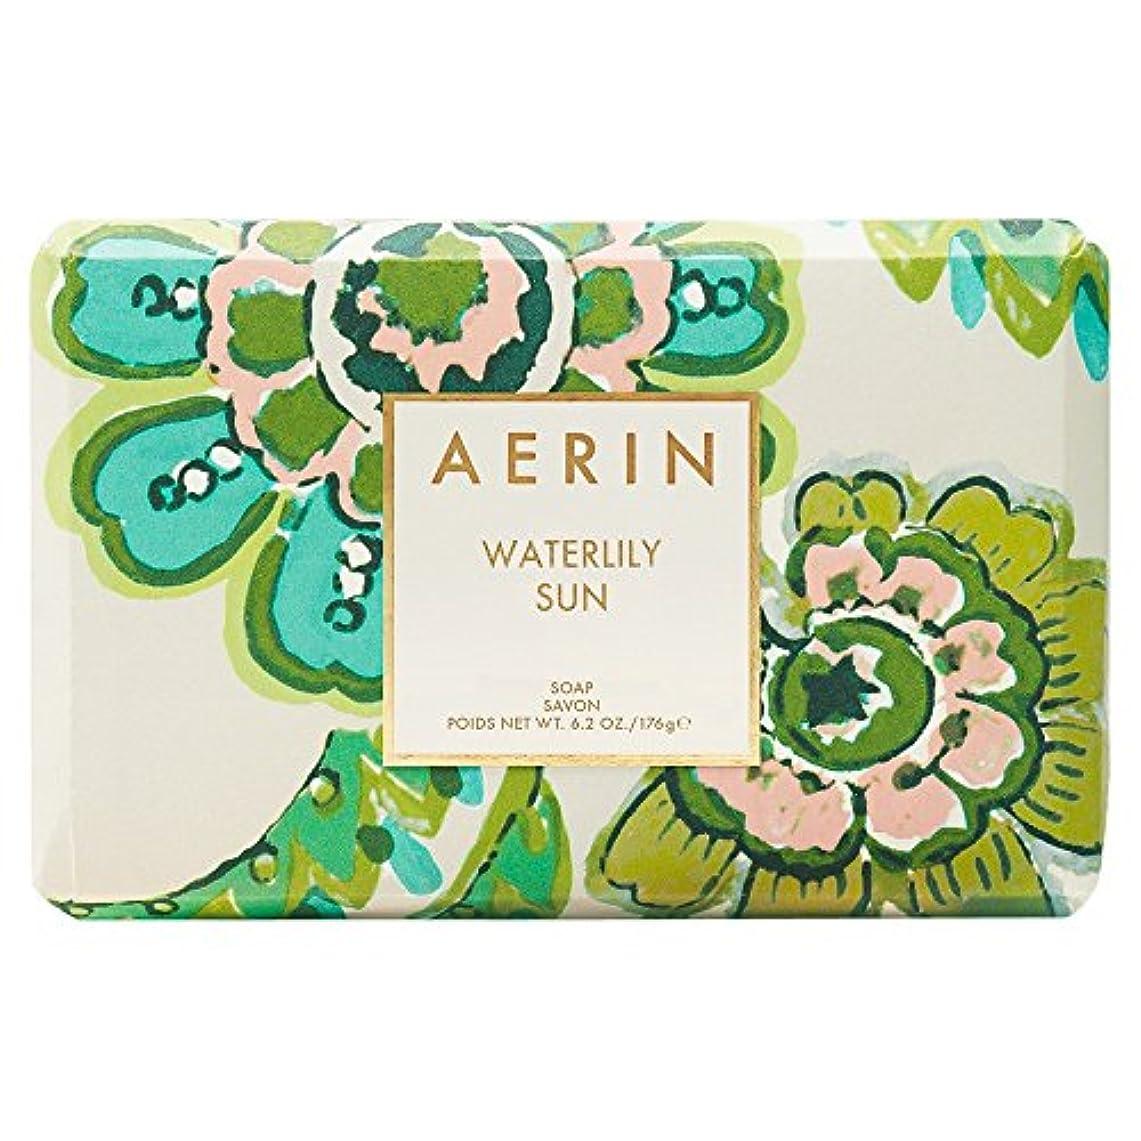 上院議員不良アルコーブAerinスイレン日石鹸176グラム (AERIN) (x6) - AERIN Waterlily Sun Soap 176g (Pack of 6) [並行輸入品]